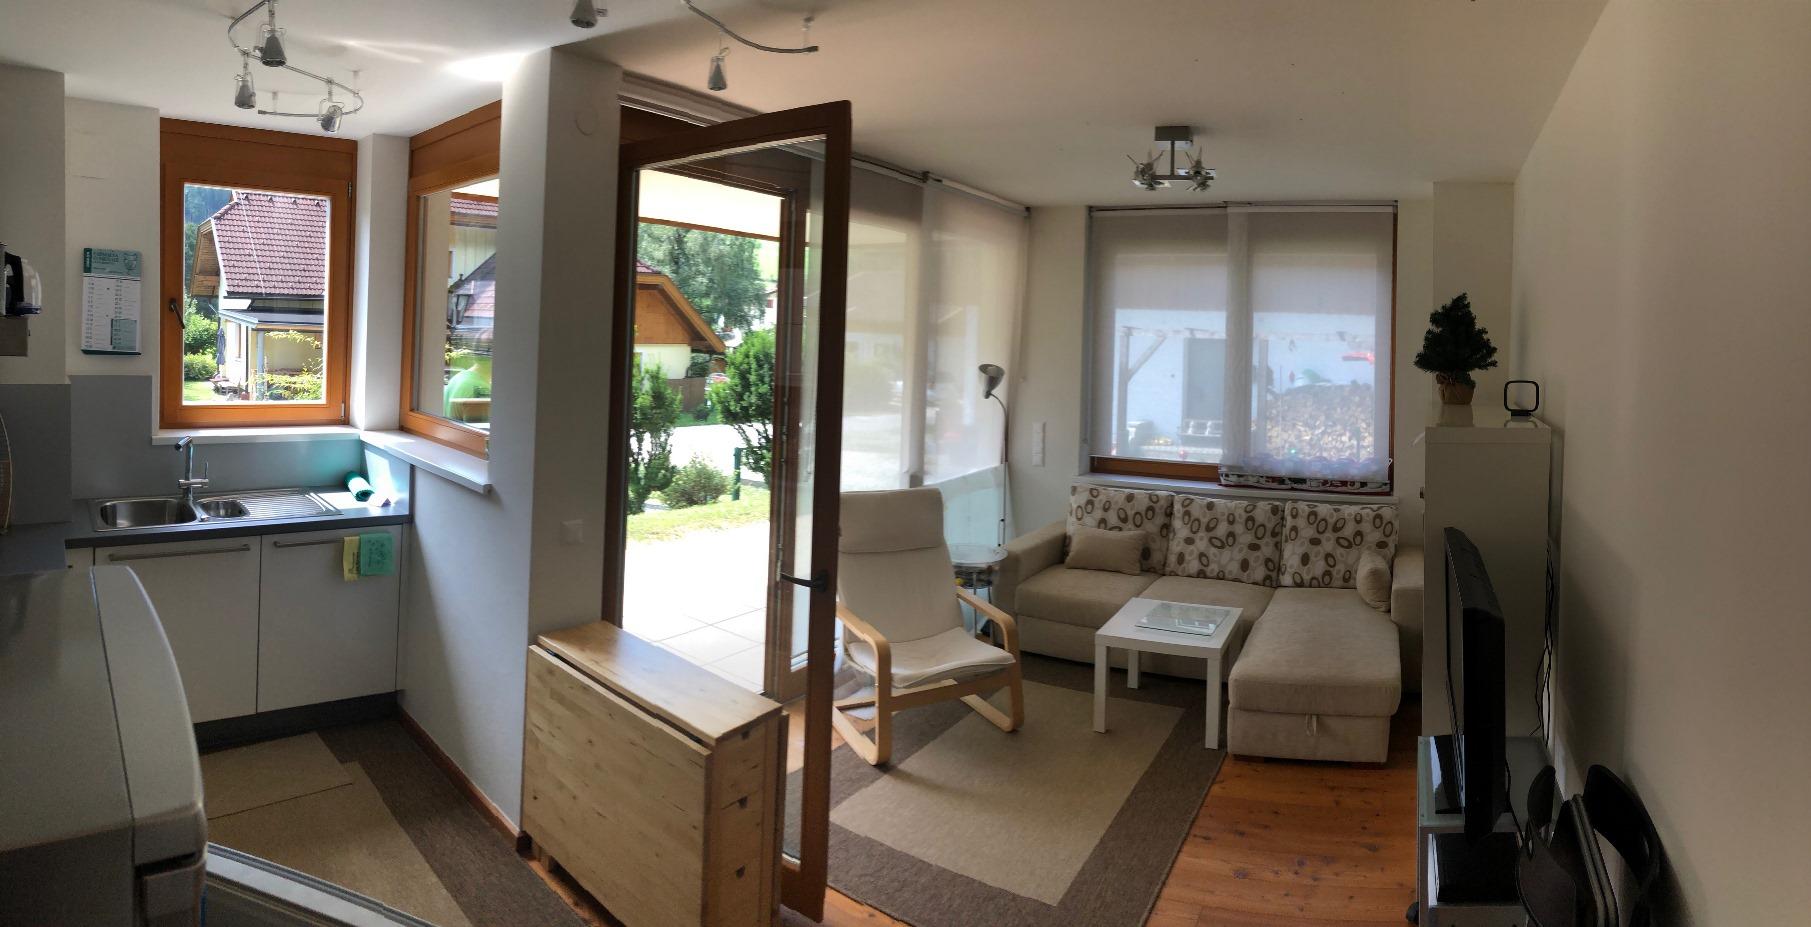 Bad Kleinkirchheim, Kaernten, Apartment (BRAHMS) in Sonnenlage, Terrasse und Garten